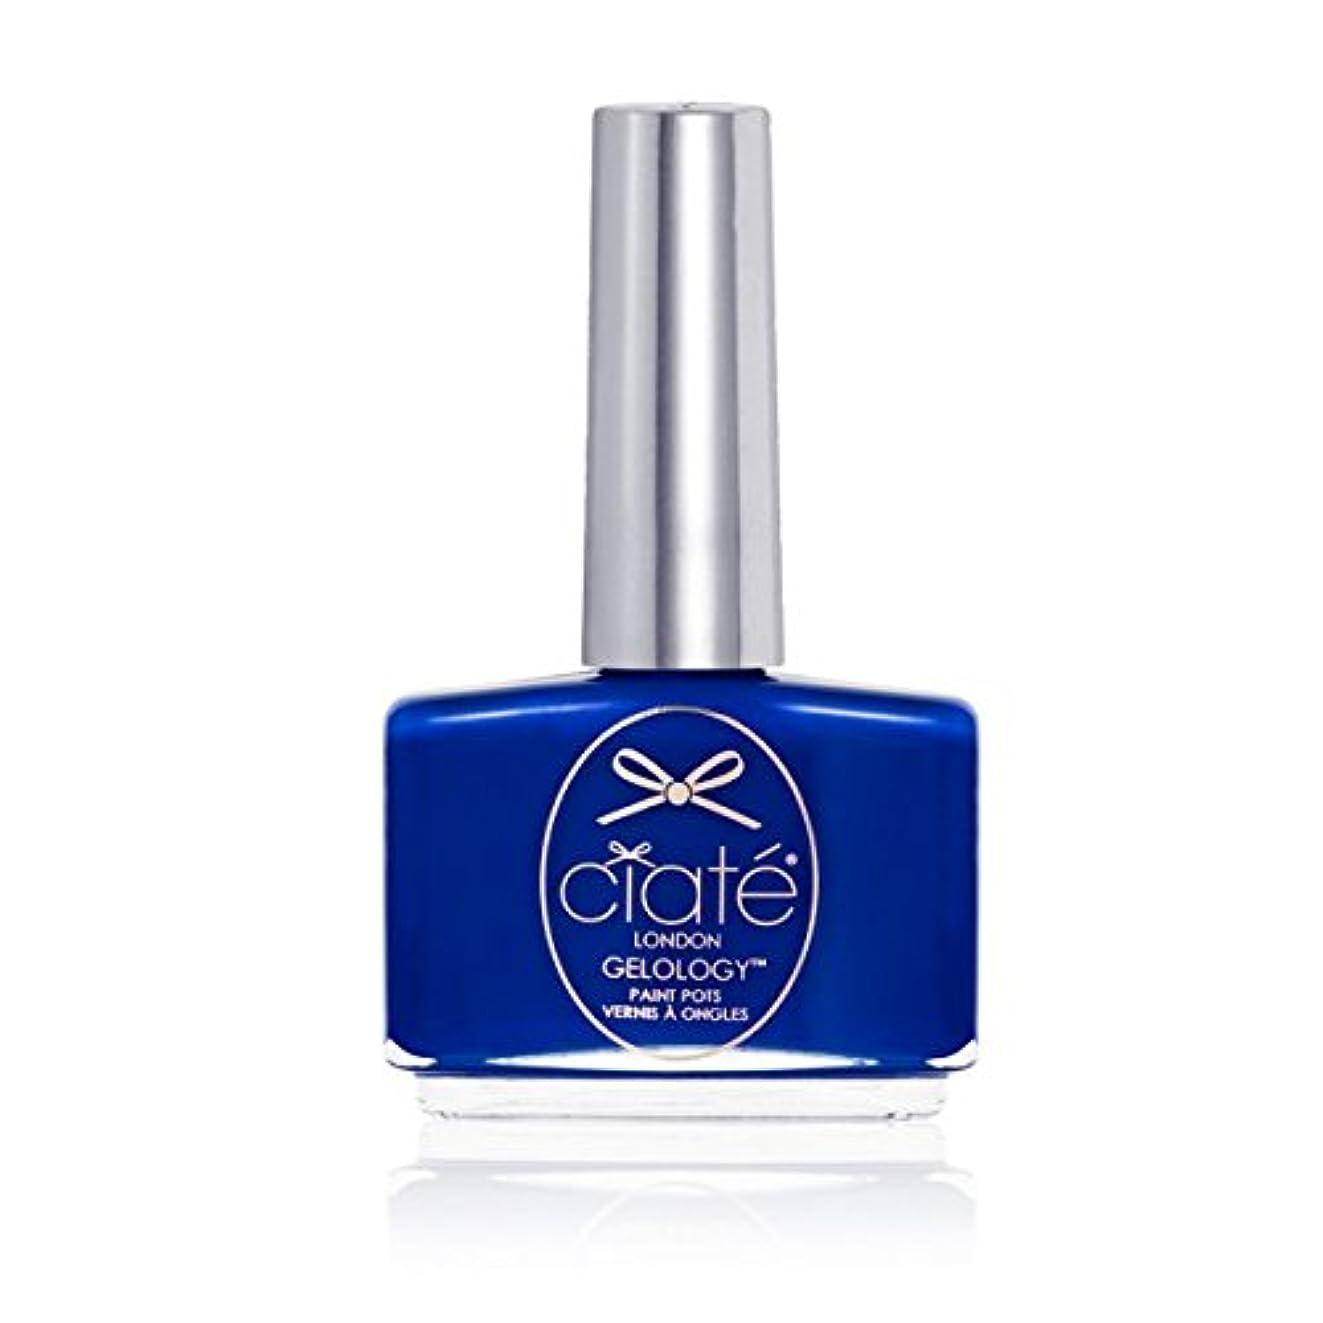 消す抑止するガロン[ciate] [シアテロンドン ] ジェルロジープールパーティー(カラー:マリンブルー)-GELOLOGY-POOL PARTY シアテロンドン ジェルポリッシュ 色:マリンブルー ネイルカラー系統:ブルー(青)